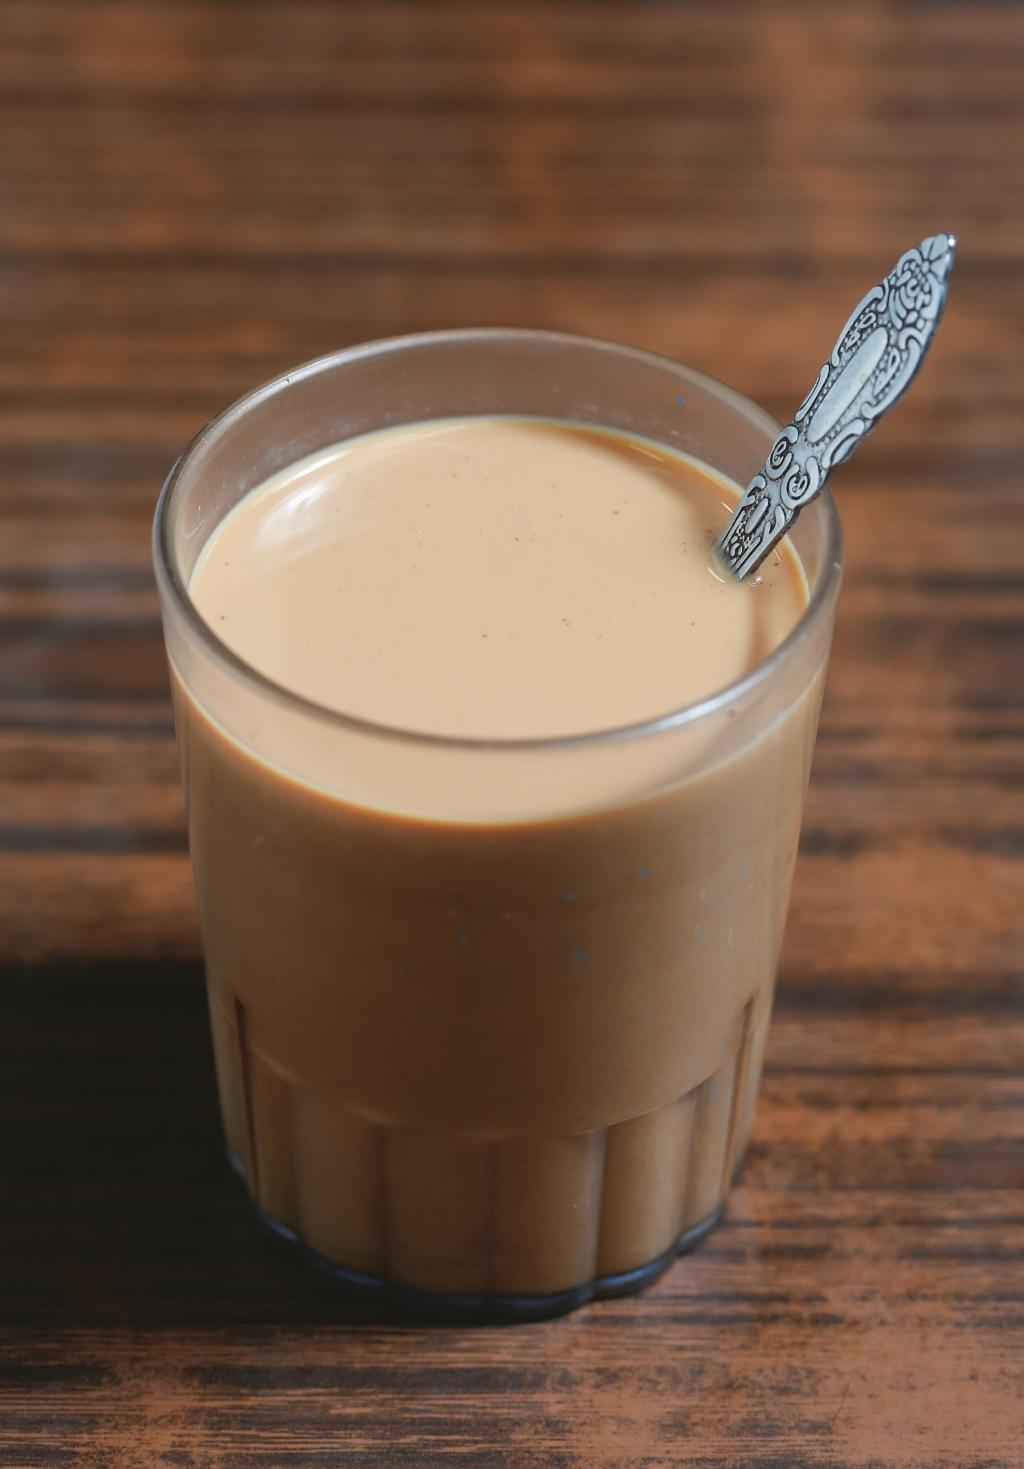 一杯茶濃奶香的砂煲奶茶($12) 是不少人「三點三」的醒神良品。